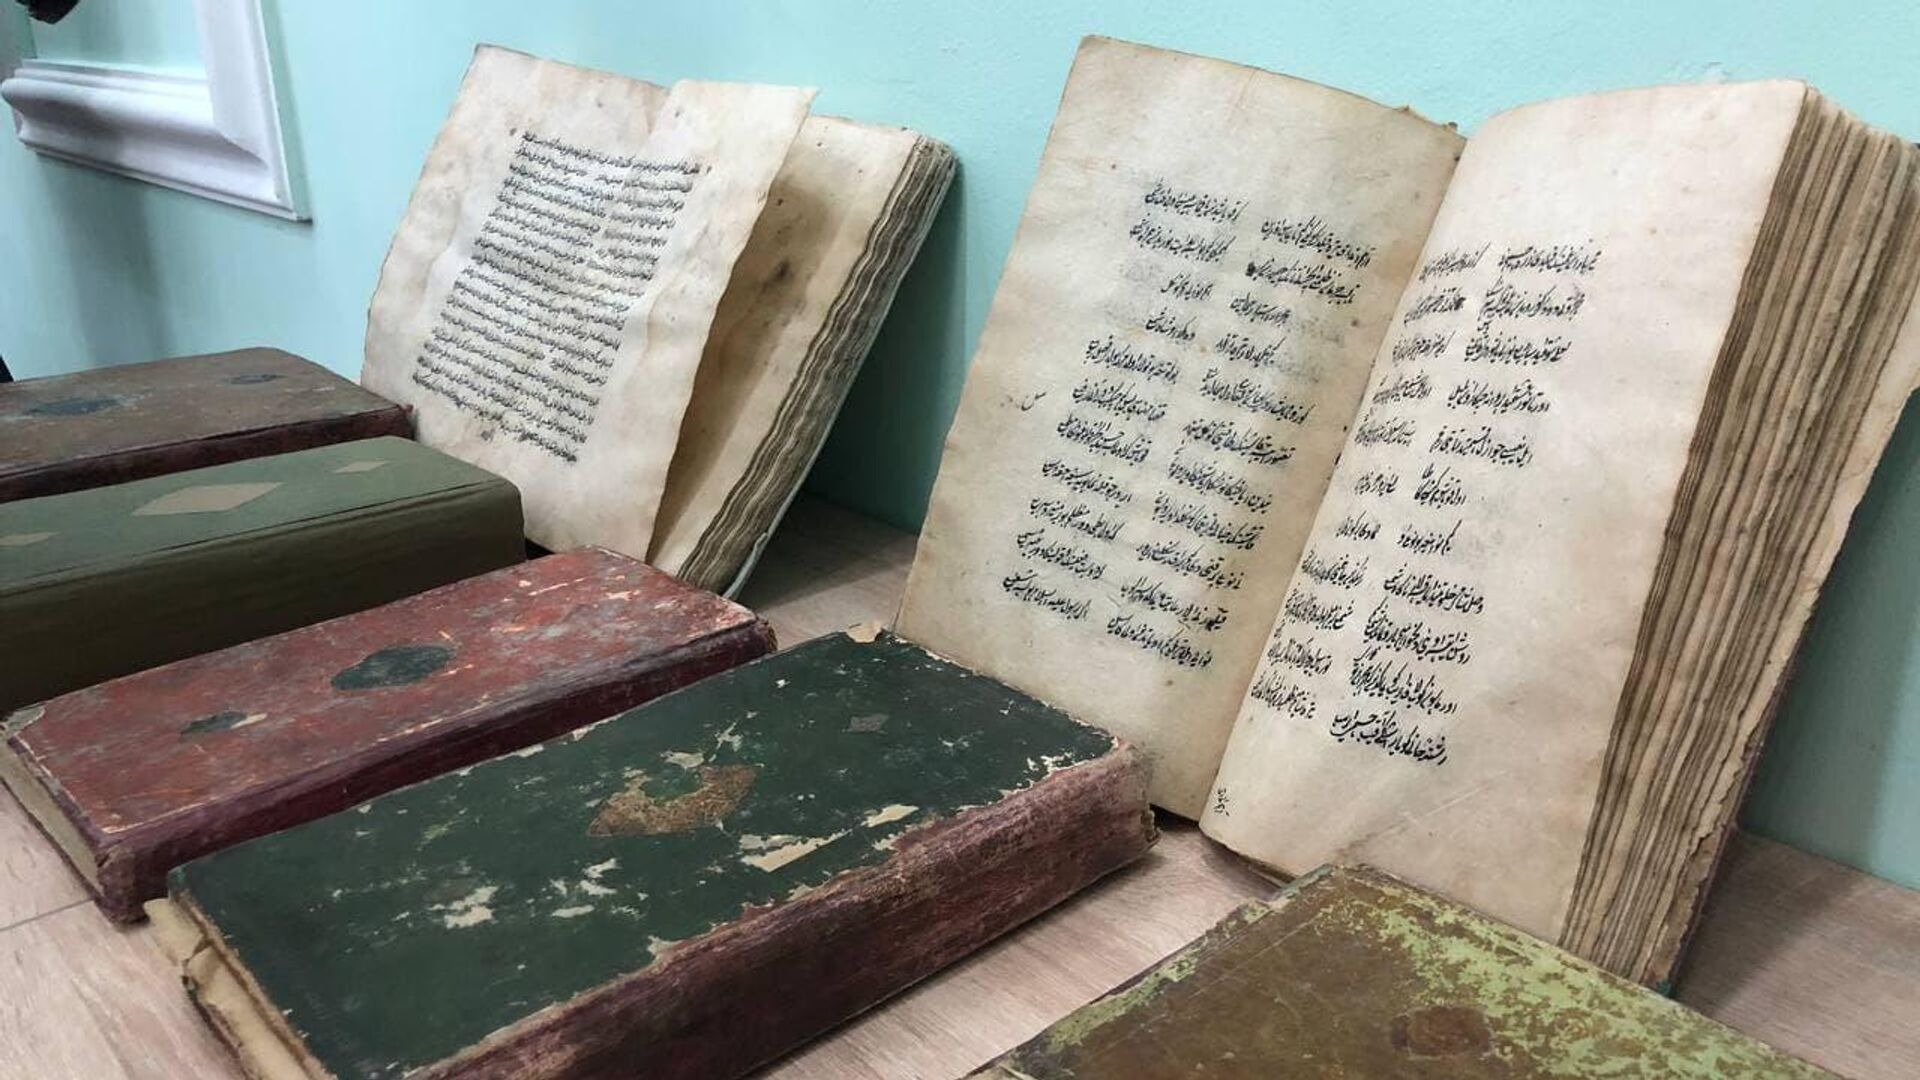 Незаконно вывезенные из Узбекистана культурные ценности переданы Центру исламской цивиллизации - Sputnik Узбекистан, 1920, 25.08.2021